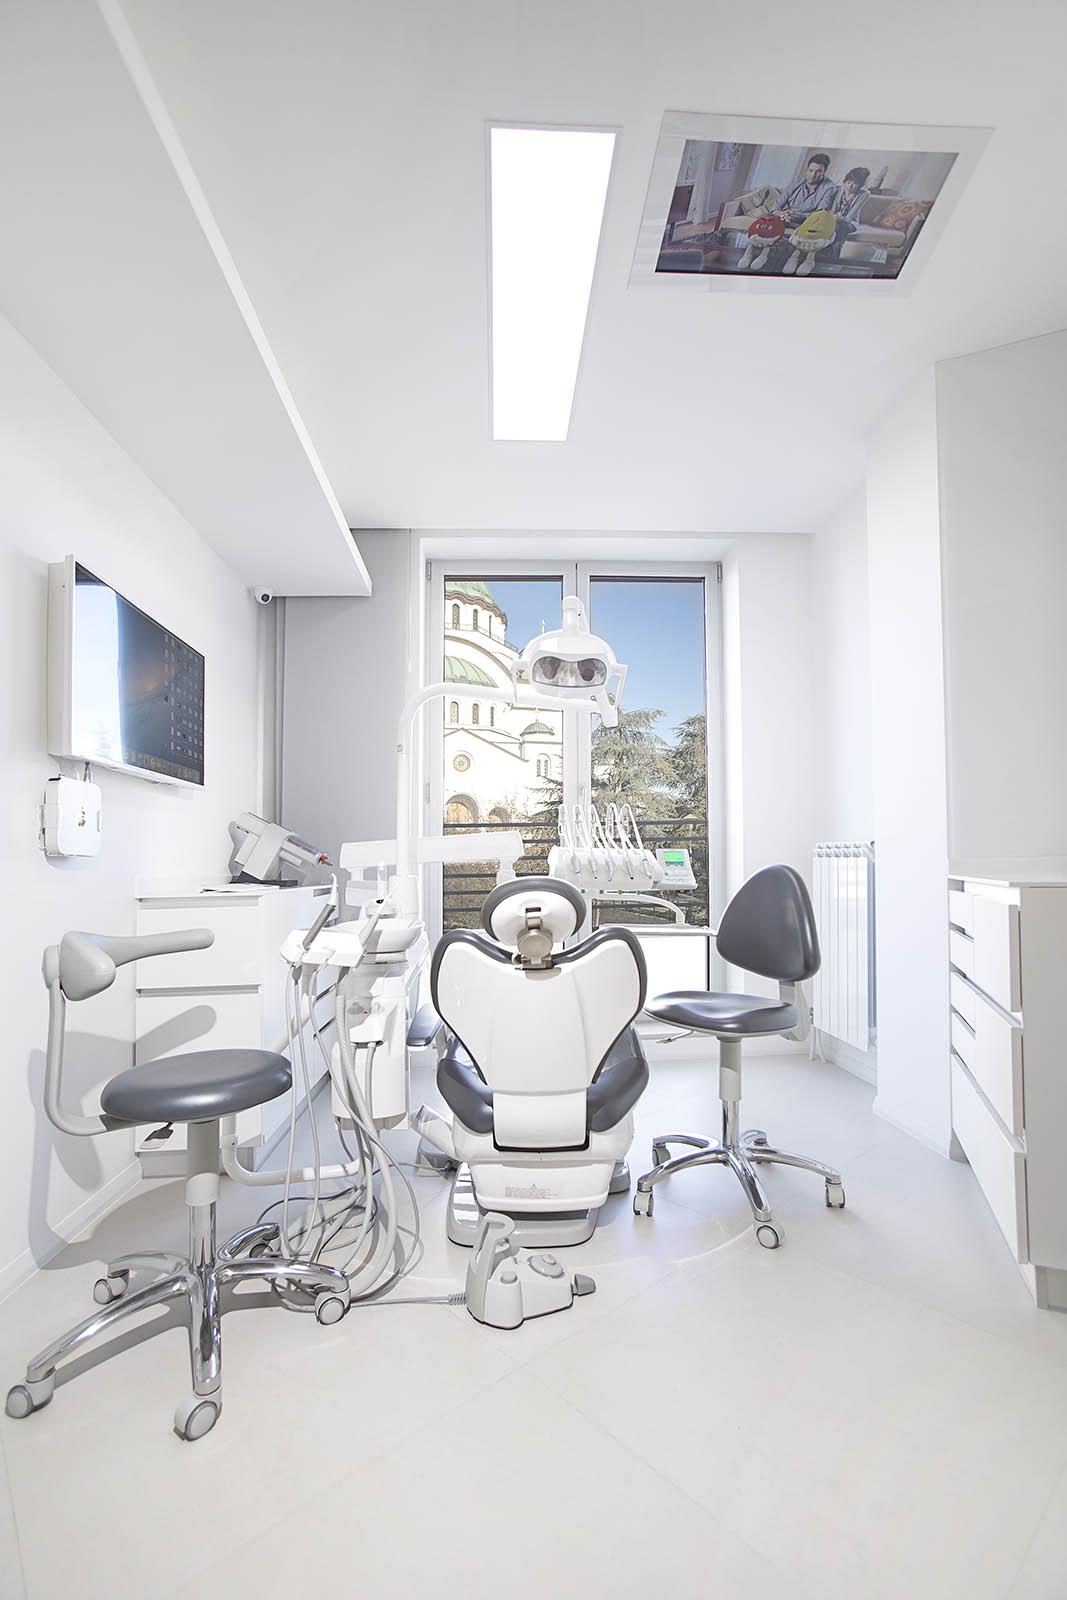 pecatipotpis, pecat i potpis, a1 dental studio, beograd, mirko nahmijas, nahmijas